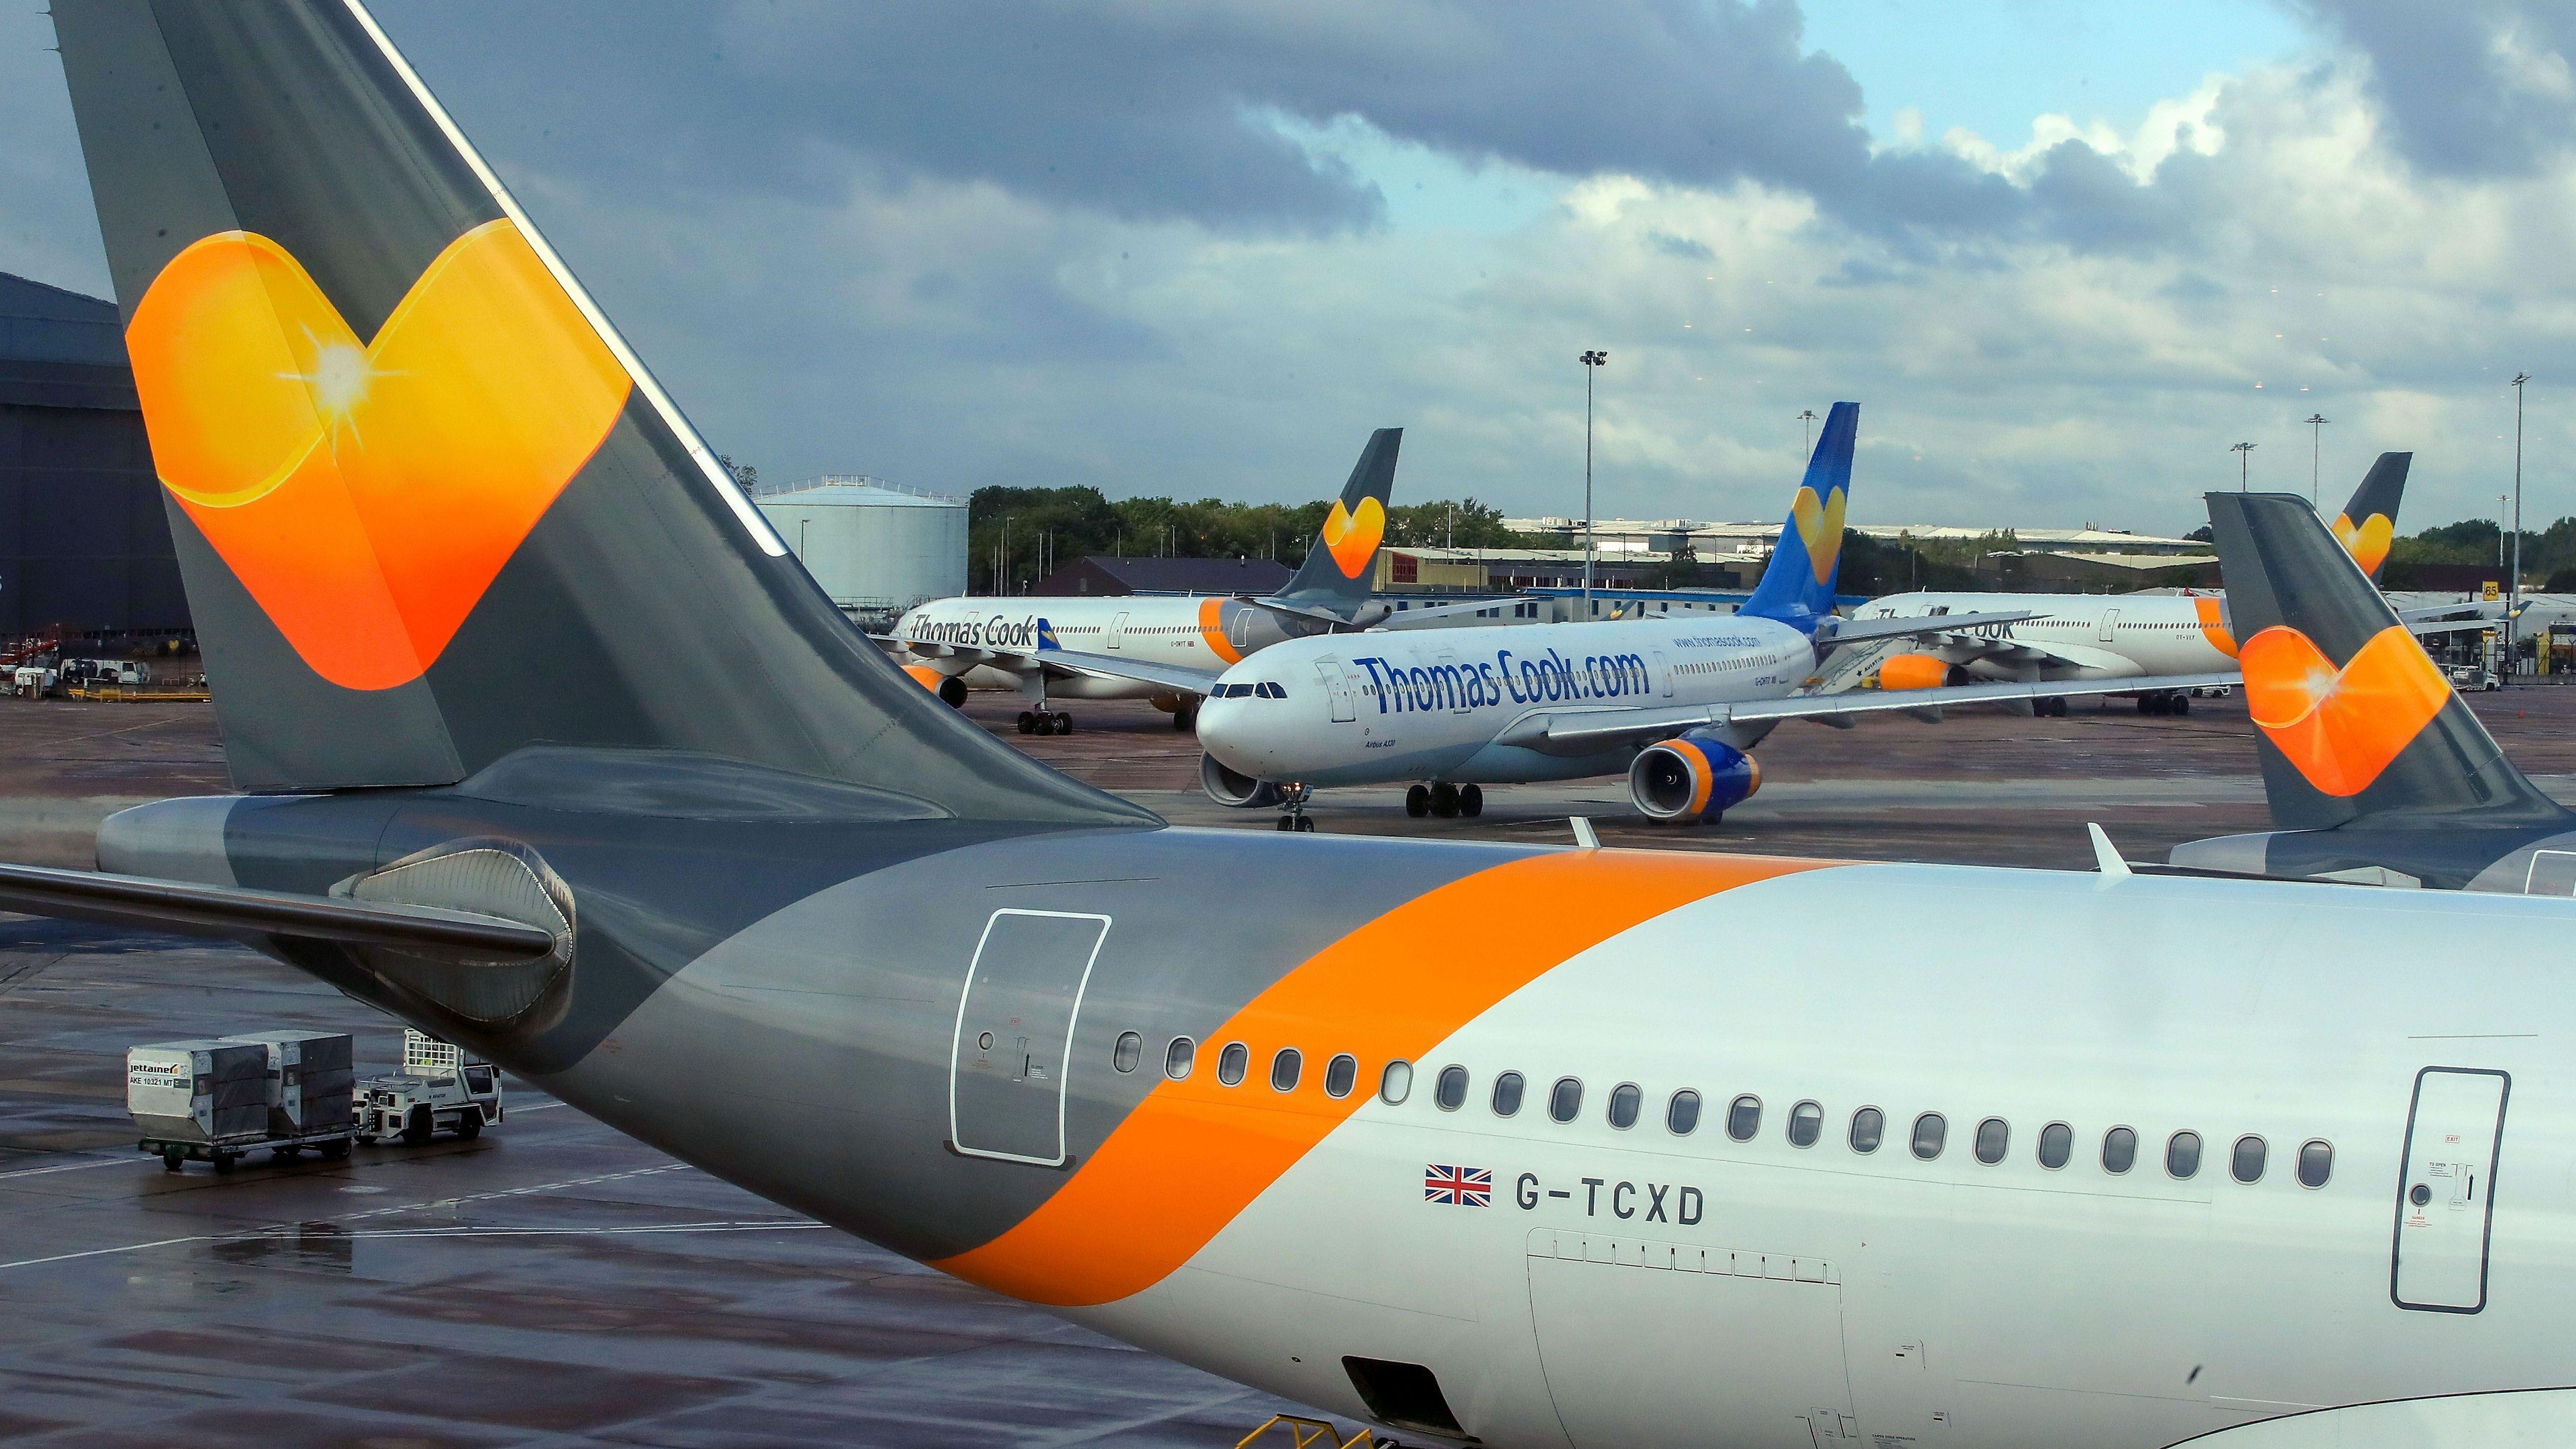 Flugzeuge von Thomas Cook